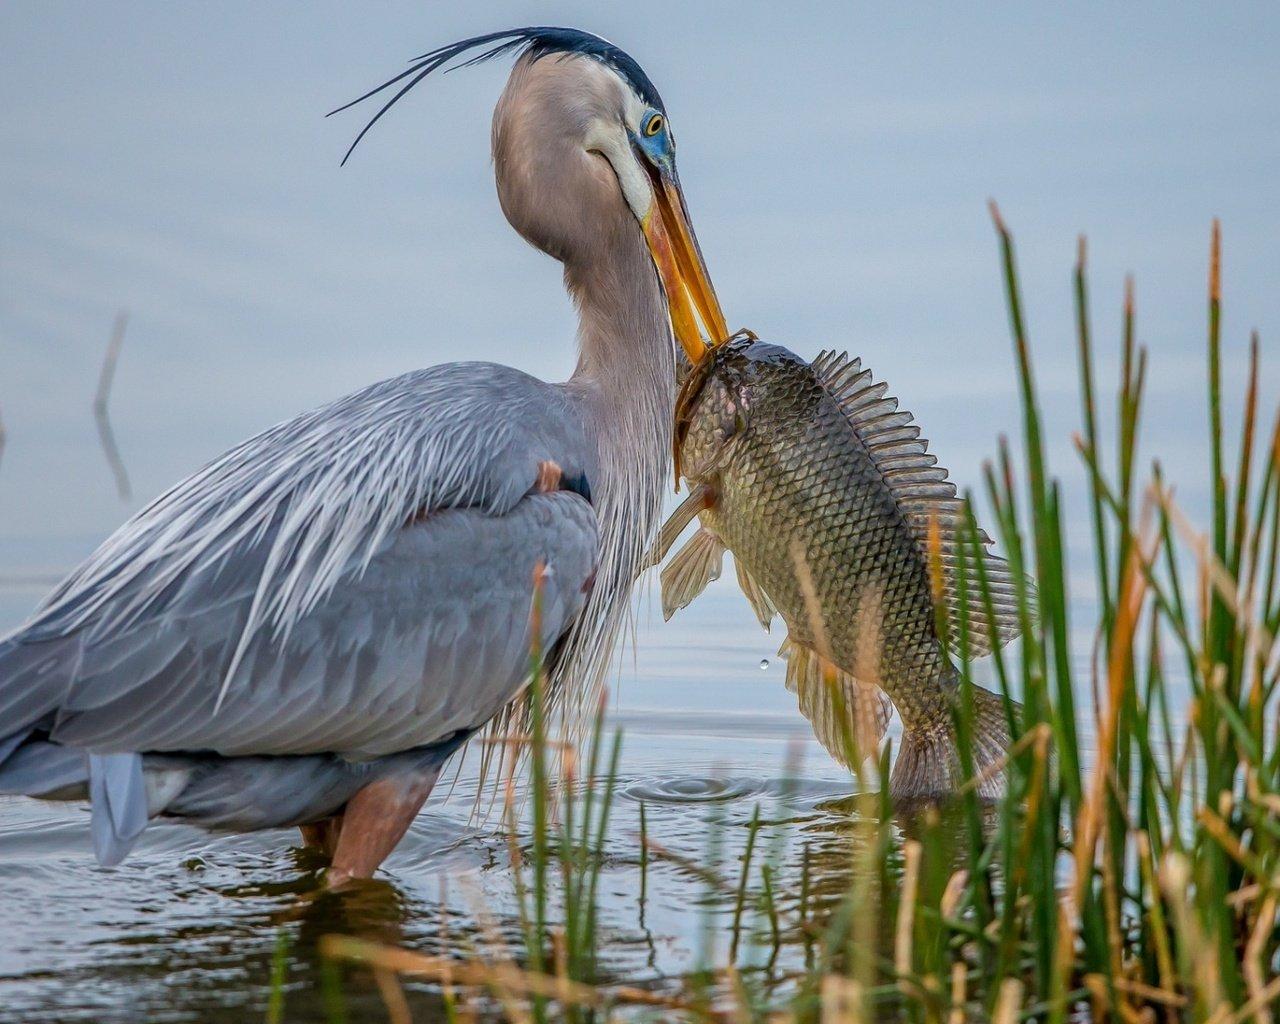 Цапля рыбу поймала